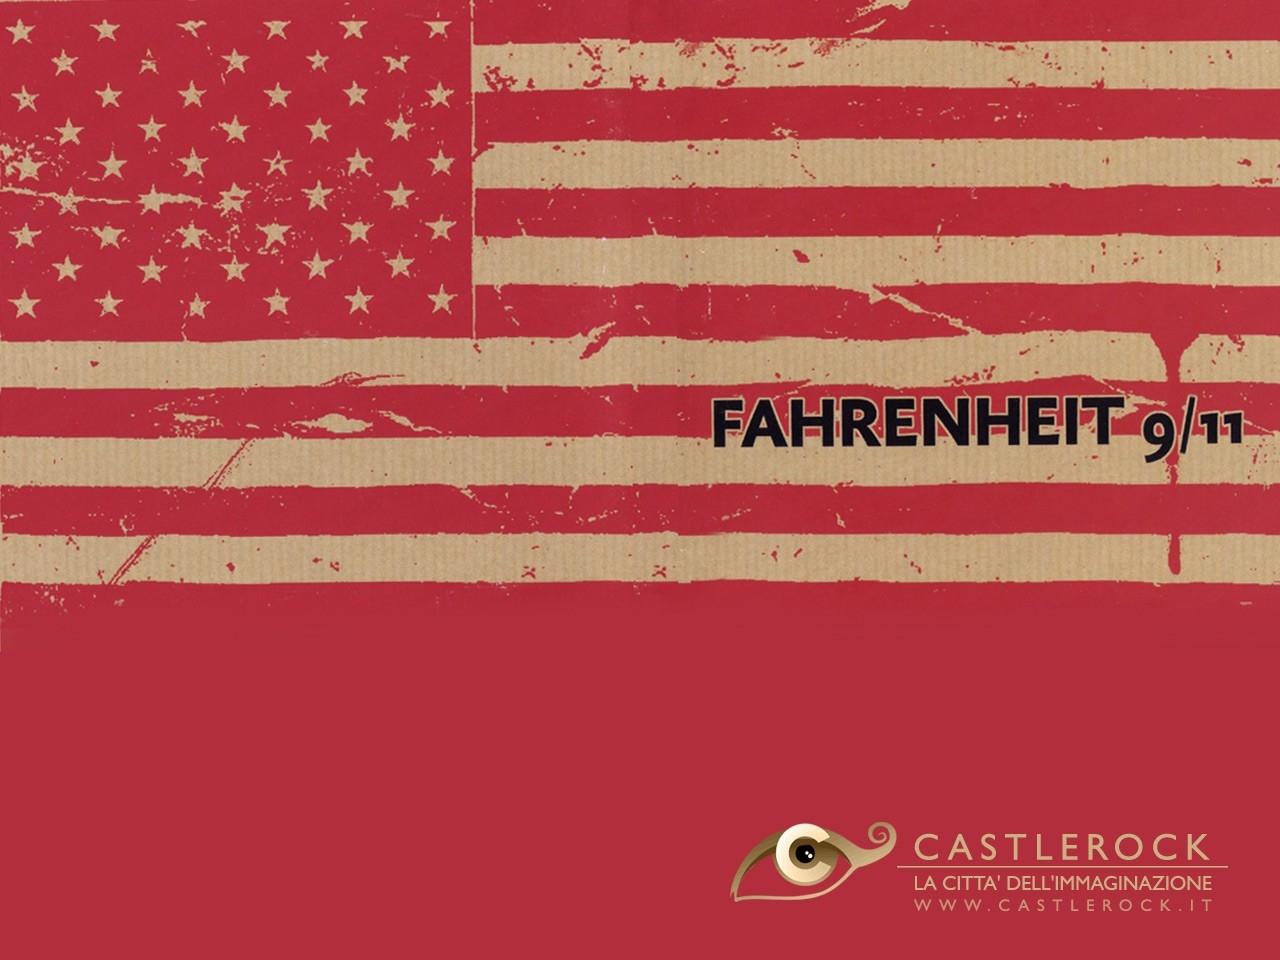 Wallpaper del film Fahrenheit 9/11